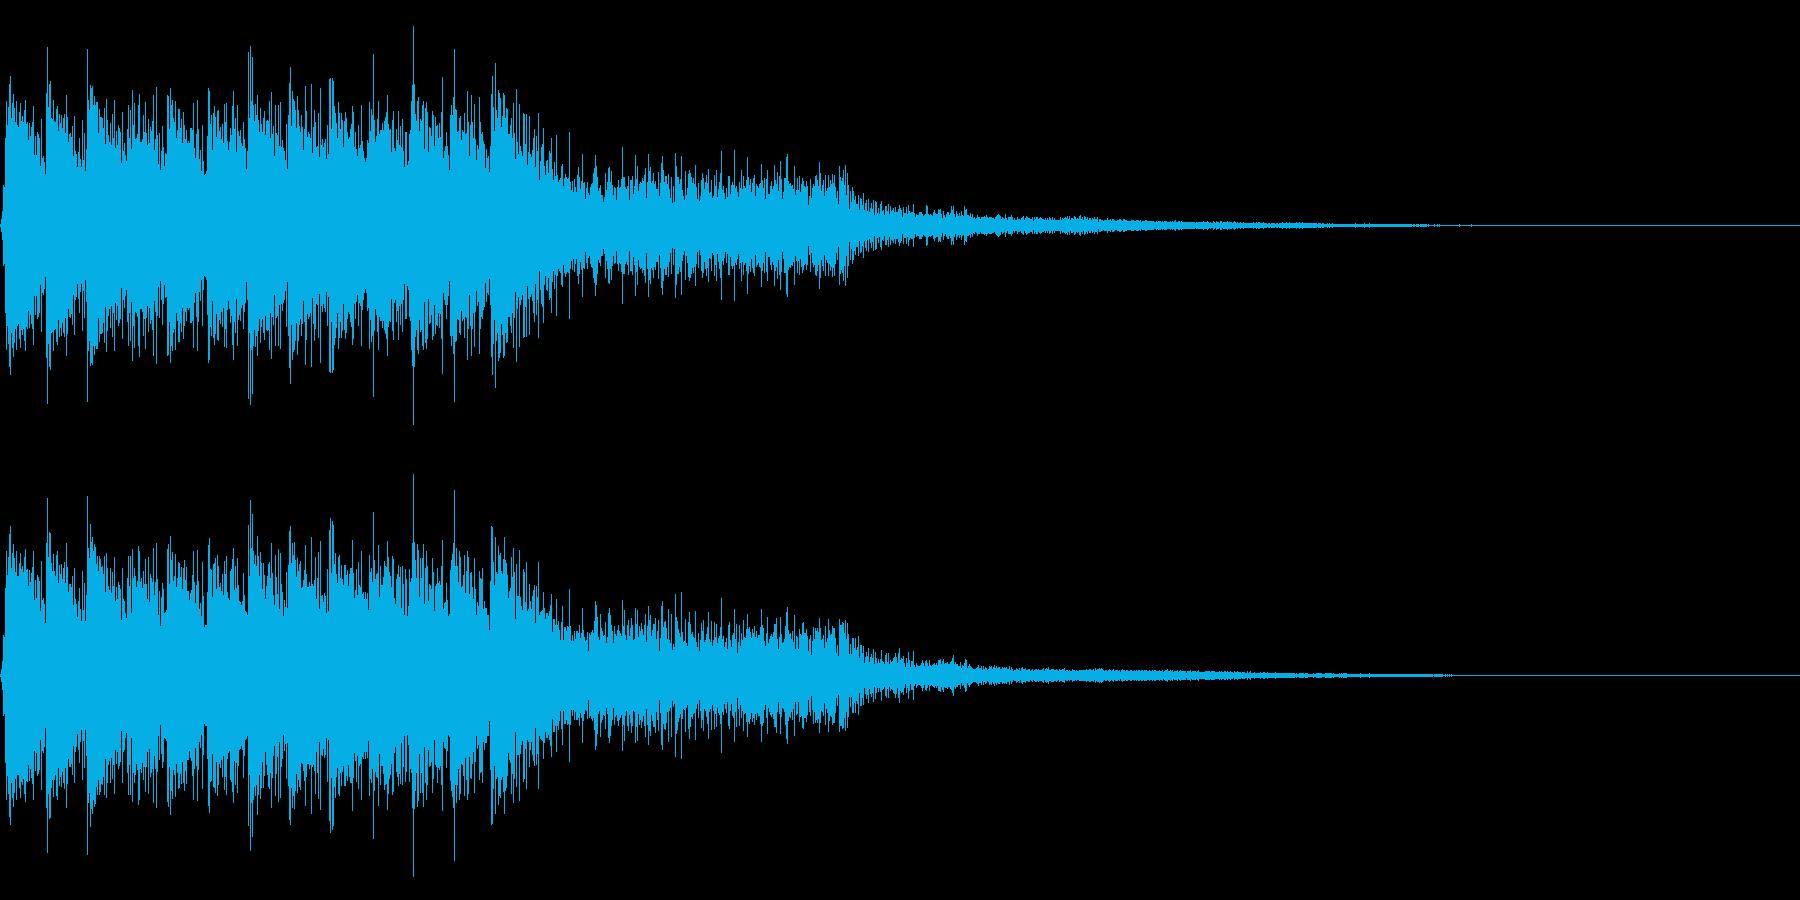 レトロなゲームオーバー音 ミス音 失敗音の再生済みの波形